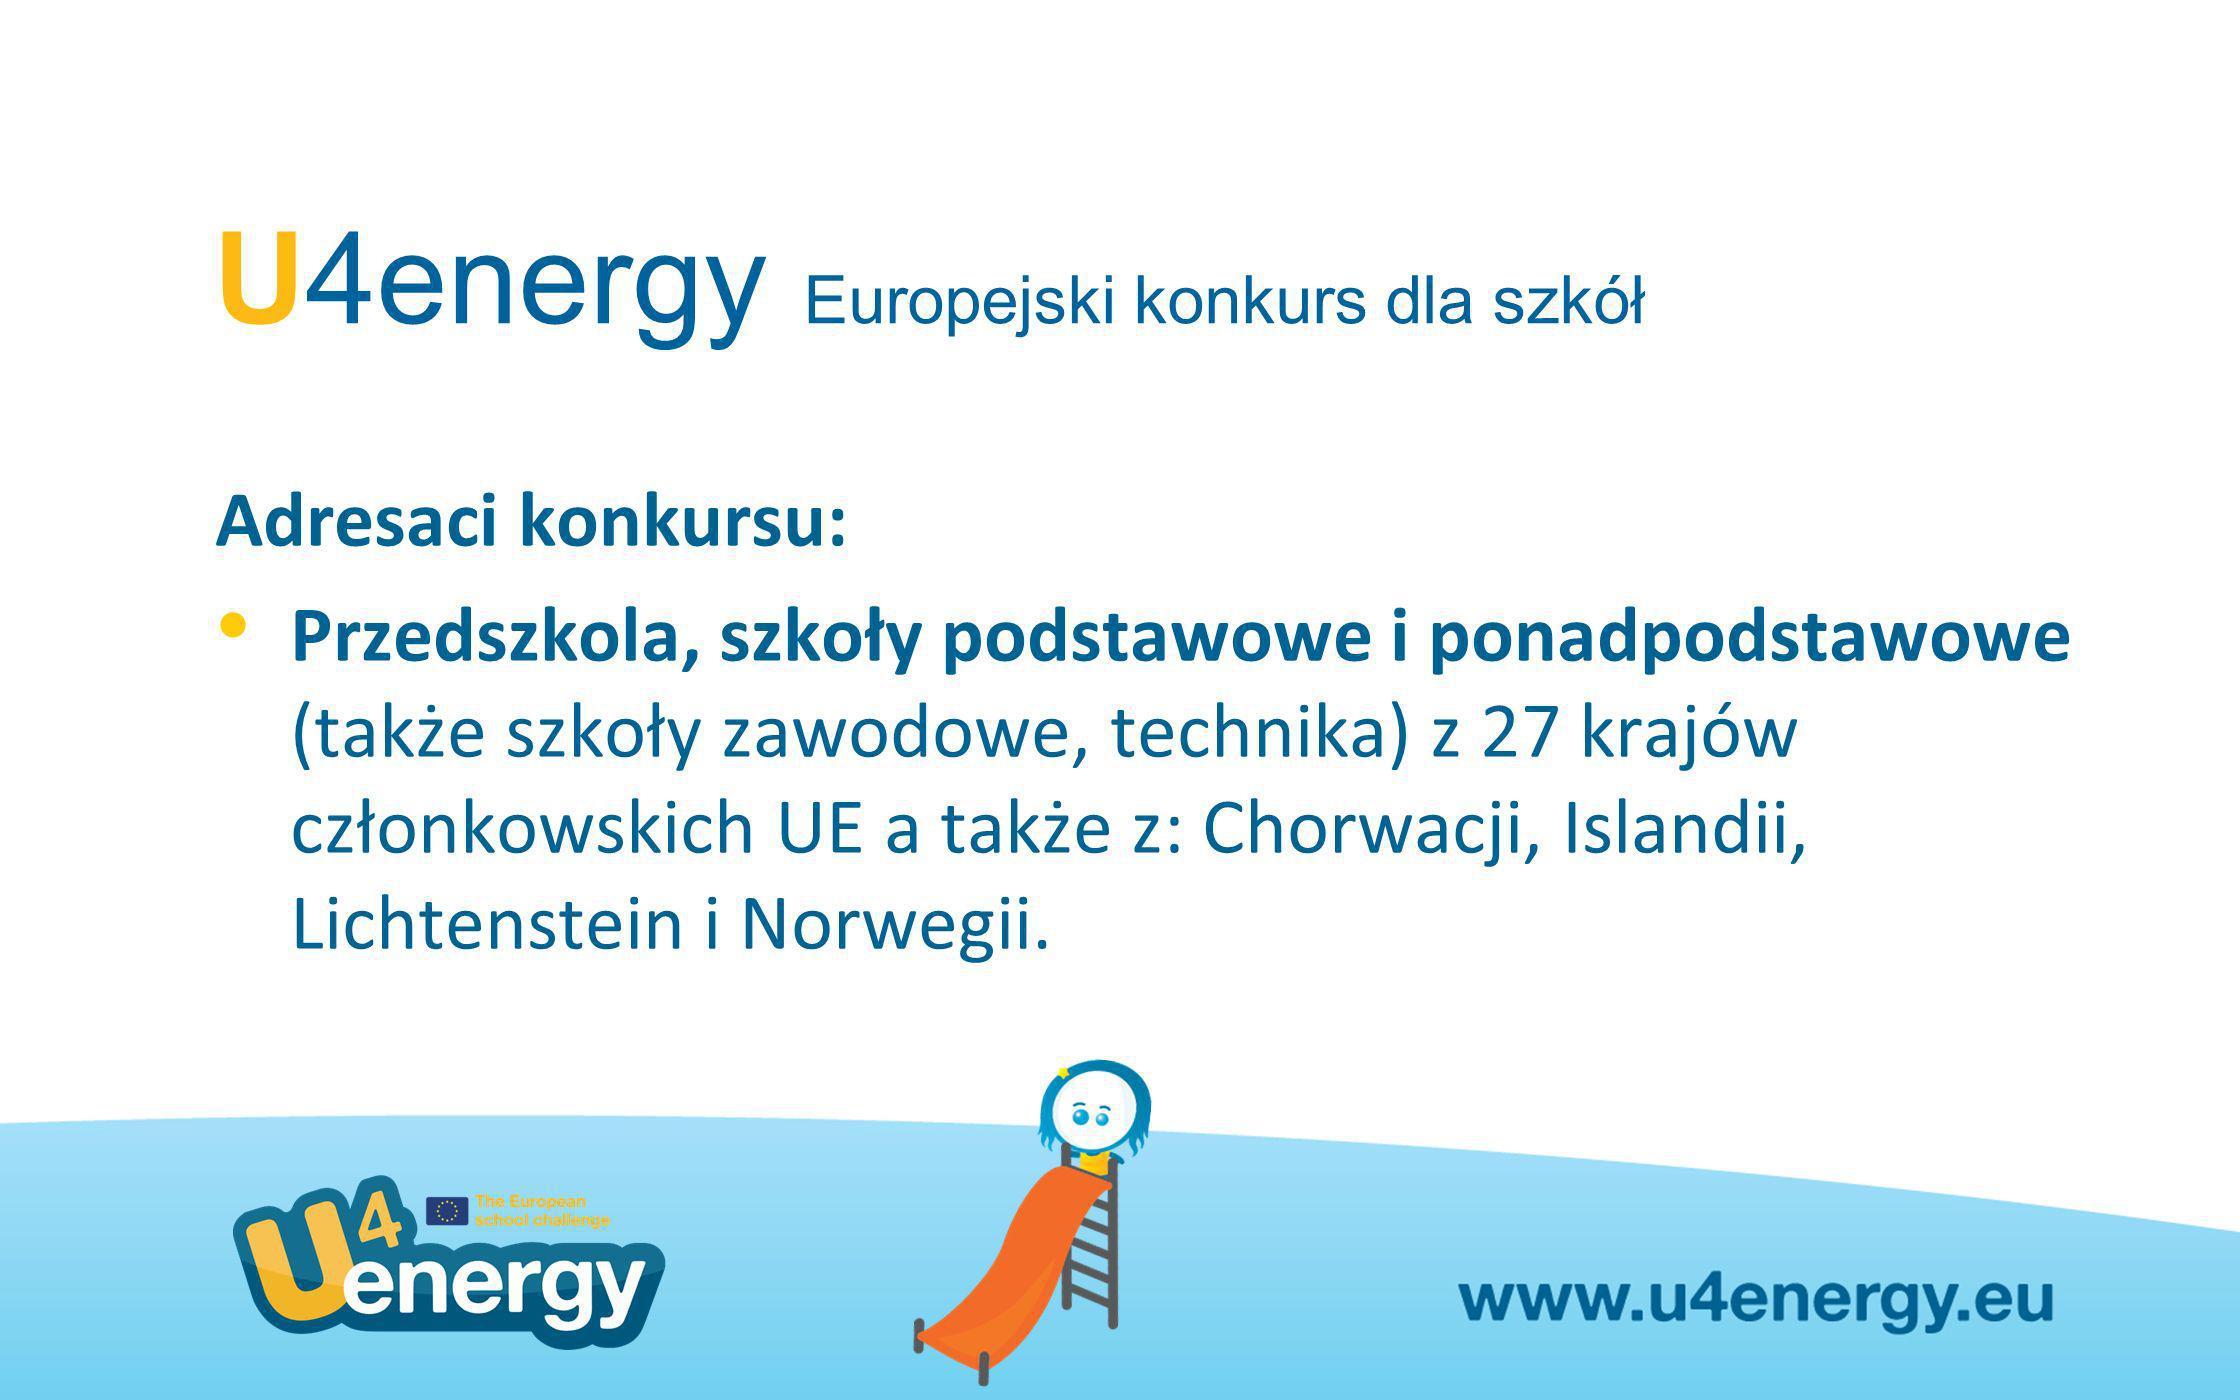 U4energy Europejski konkurs dla szkół U4energy jest inicjatywą Komisji Europejskiej, finansowaną i utworzoną w ramach Programu Inteligentna Energia dla Europy (IEE).